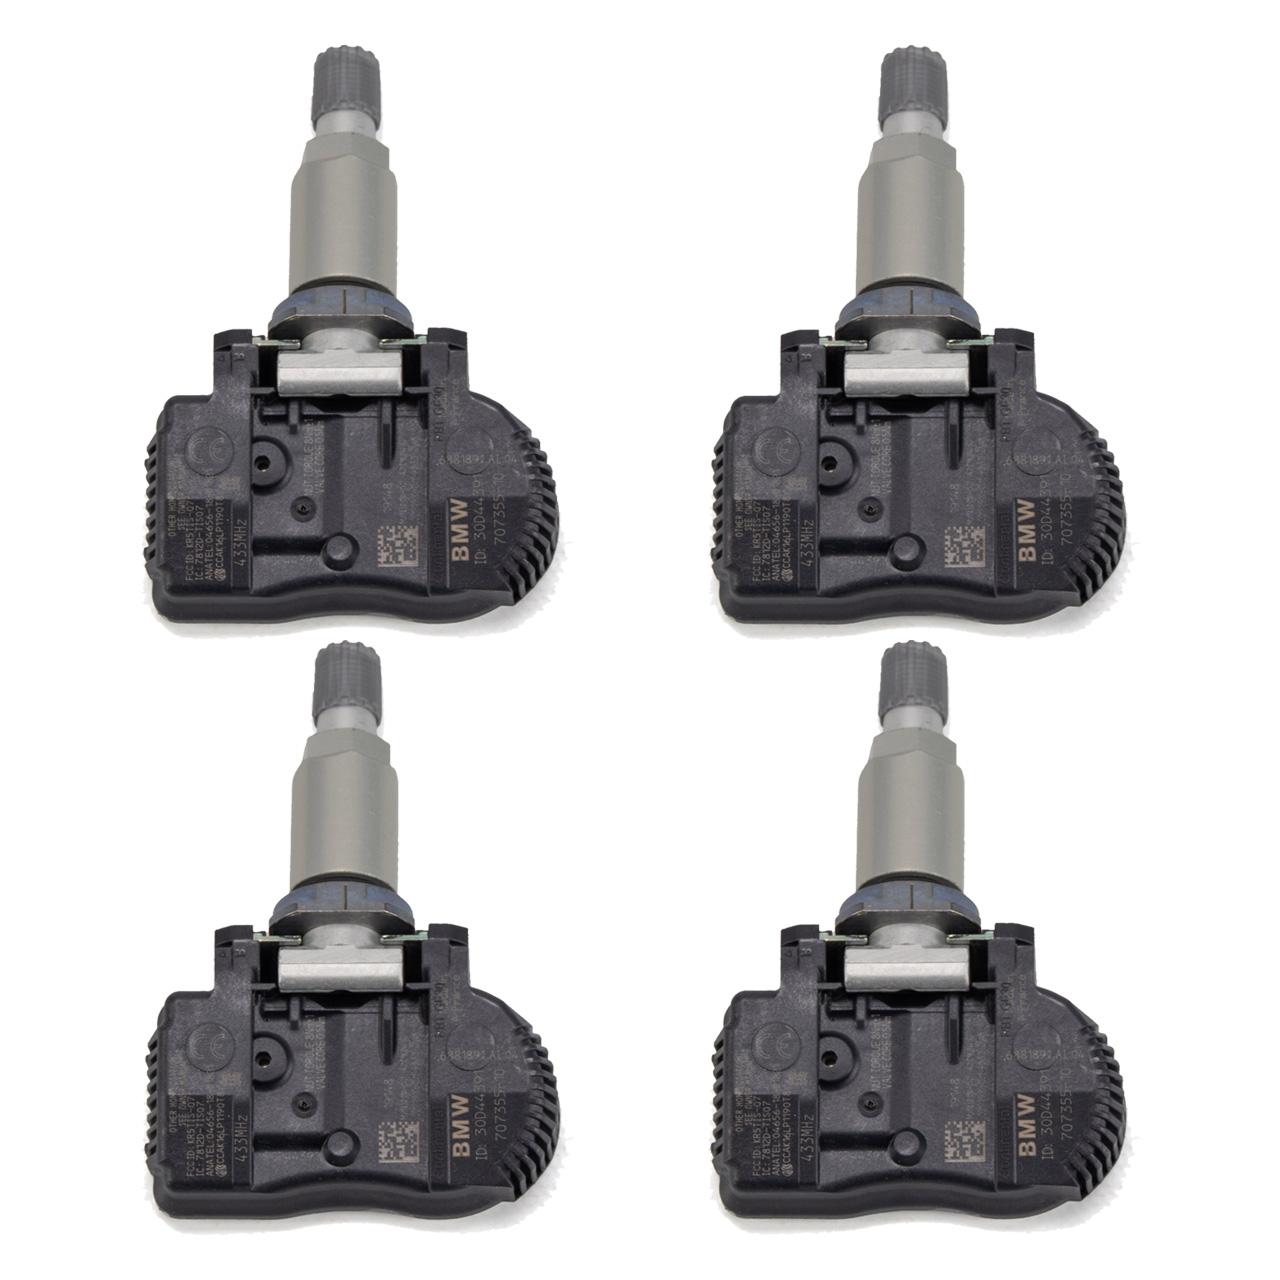 ORIGINAL BMW Reifendrucksensor RDKS F20 F21 F22 F23 F30-34 F32-36 36106881890